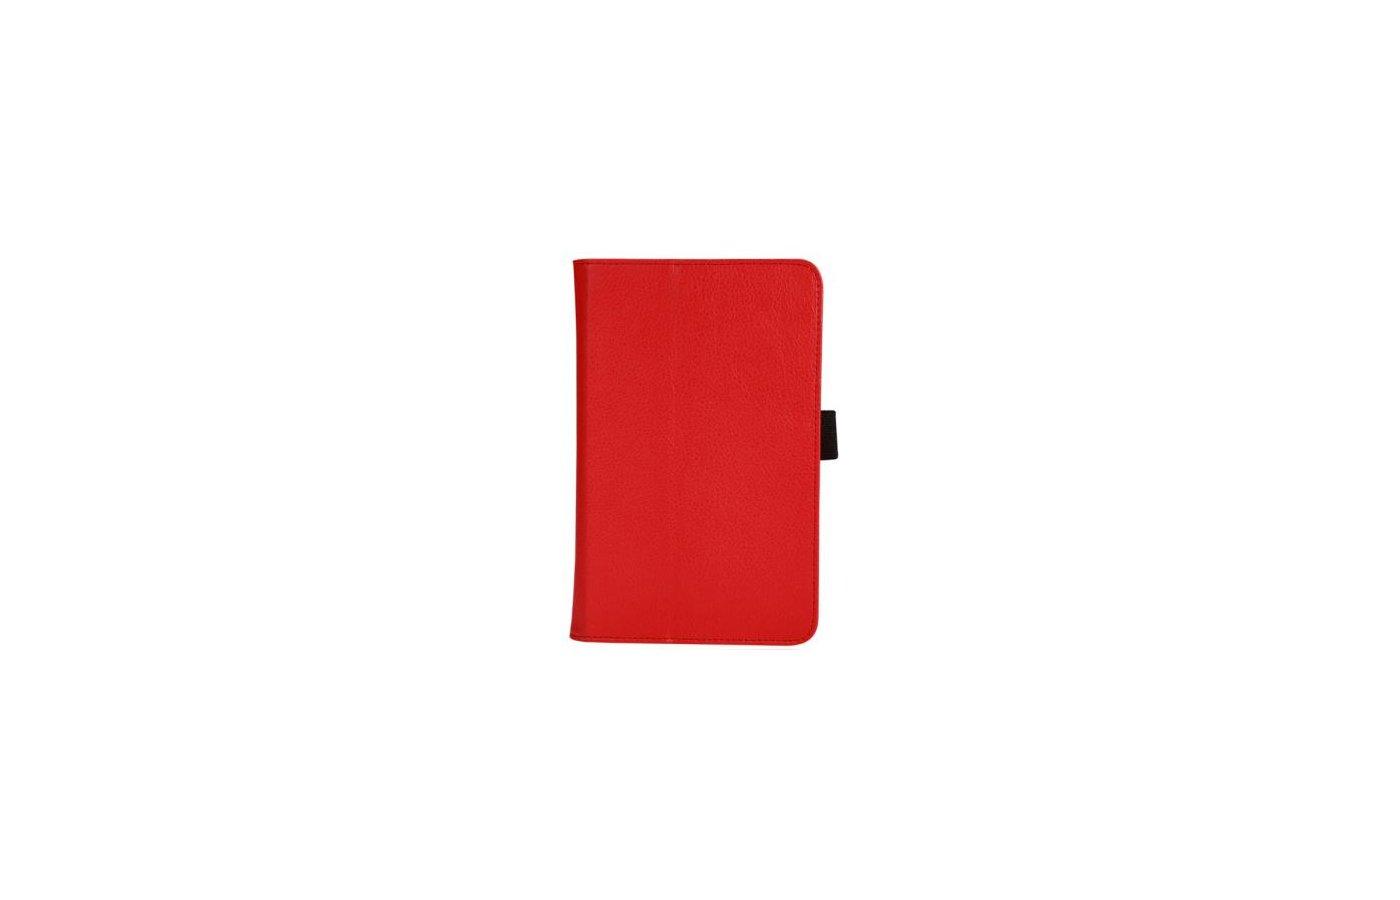 Чехол для планшетного ПК IT BAGGAGE для LENOVO Tab A7-50 (A3500) 7 искус. кожа красный ITLNA3502-3